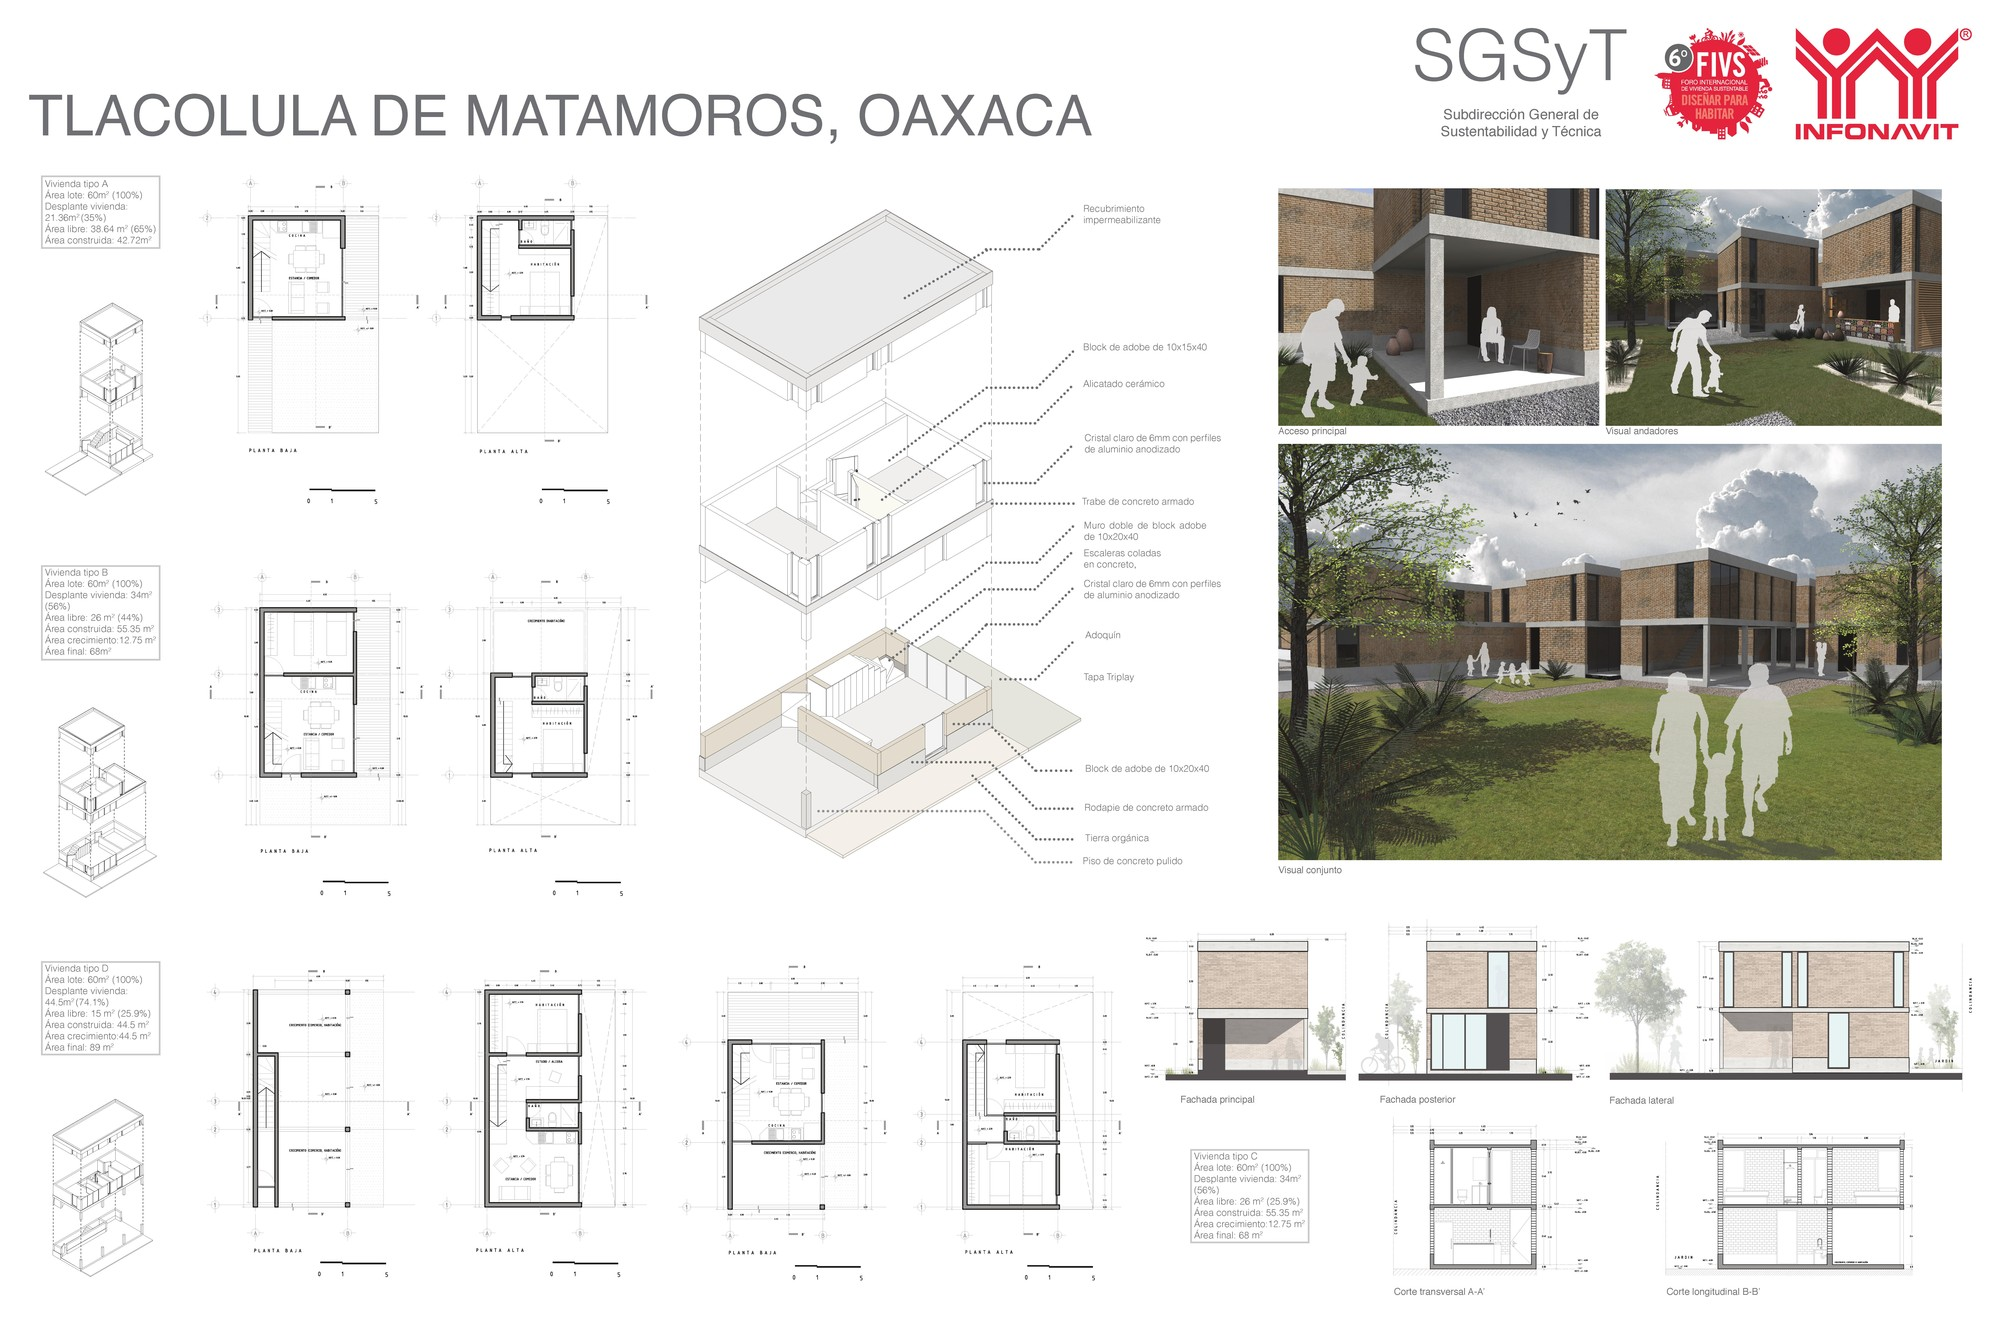 © Subdirección General de Sustentabilidad y Técnica